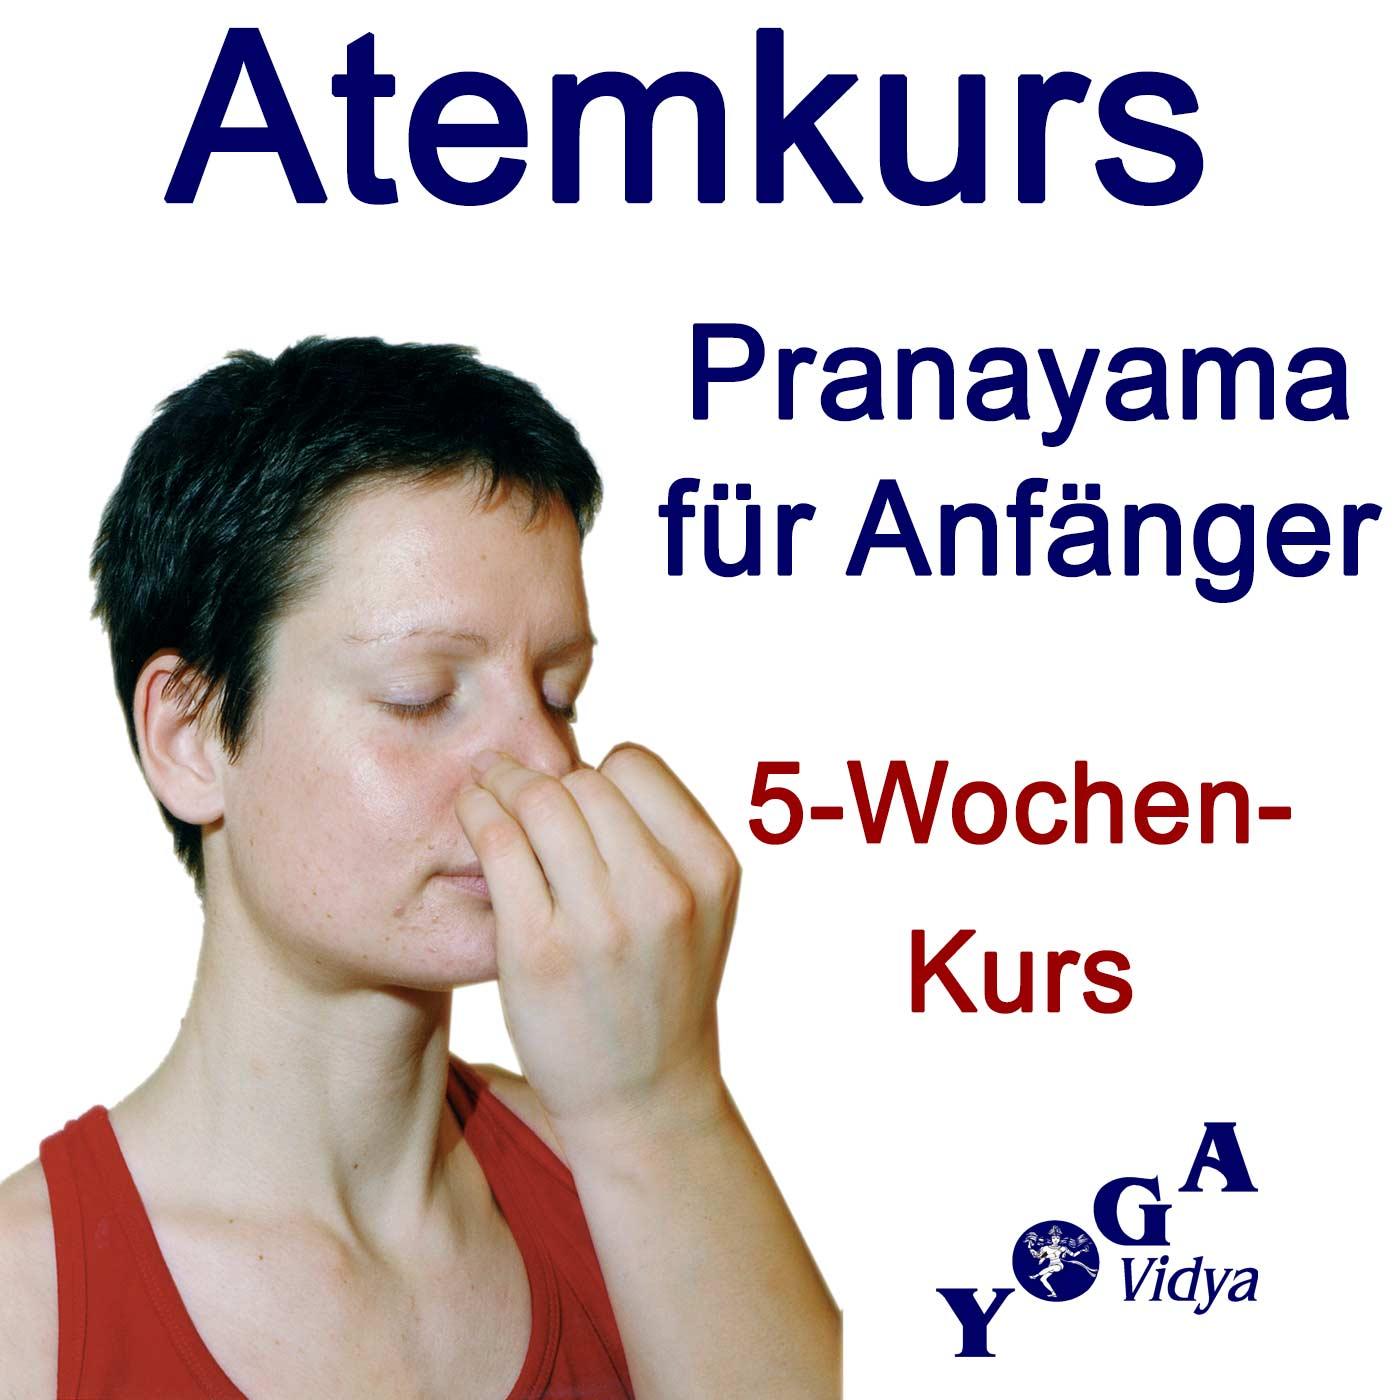 Atemkurs für Anfänger - in 5 Wochen Yoga Pranayama lernen